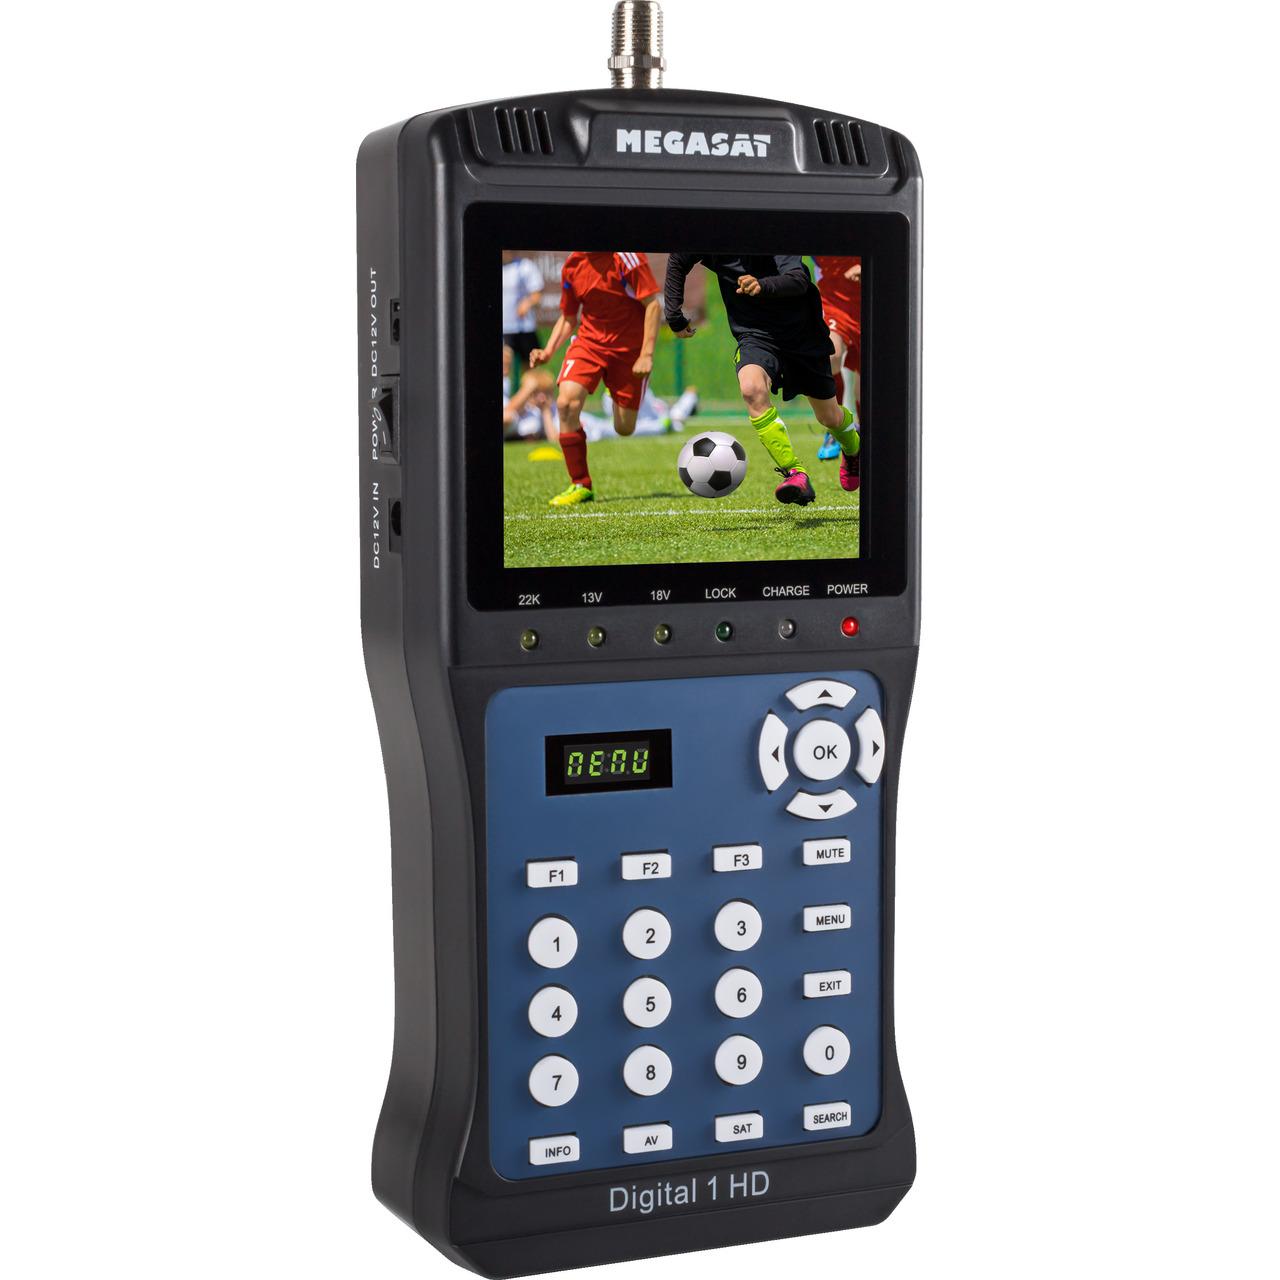 Megasat Satfinder - Messgerät Digital 1 HD- für DVB-S-S2- Messwertespeicher- Farbdisplay 8-9 cm